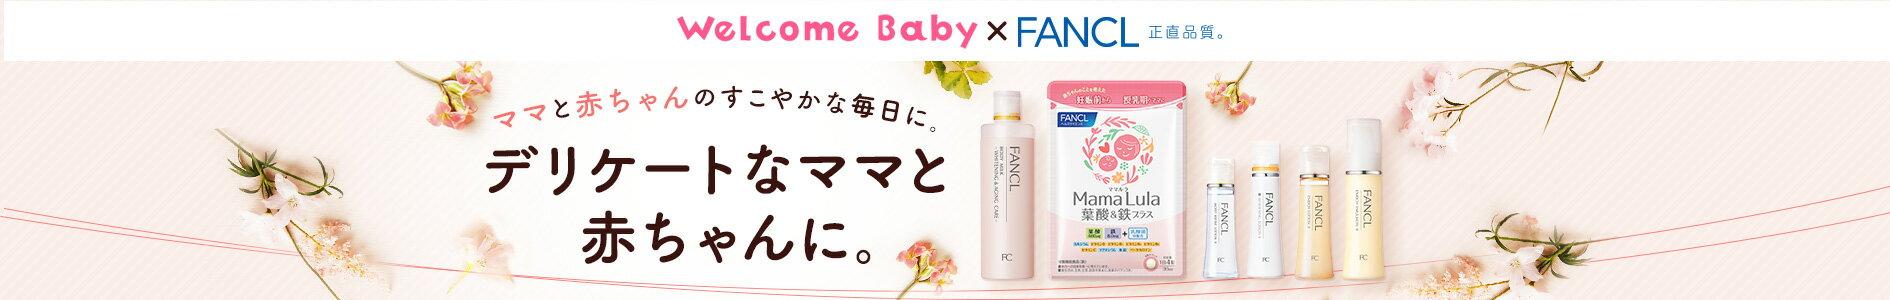 妊娠前から出産後にも使える  FANCLおすすめアイテムをご紹介!